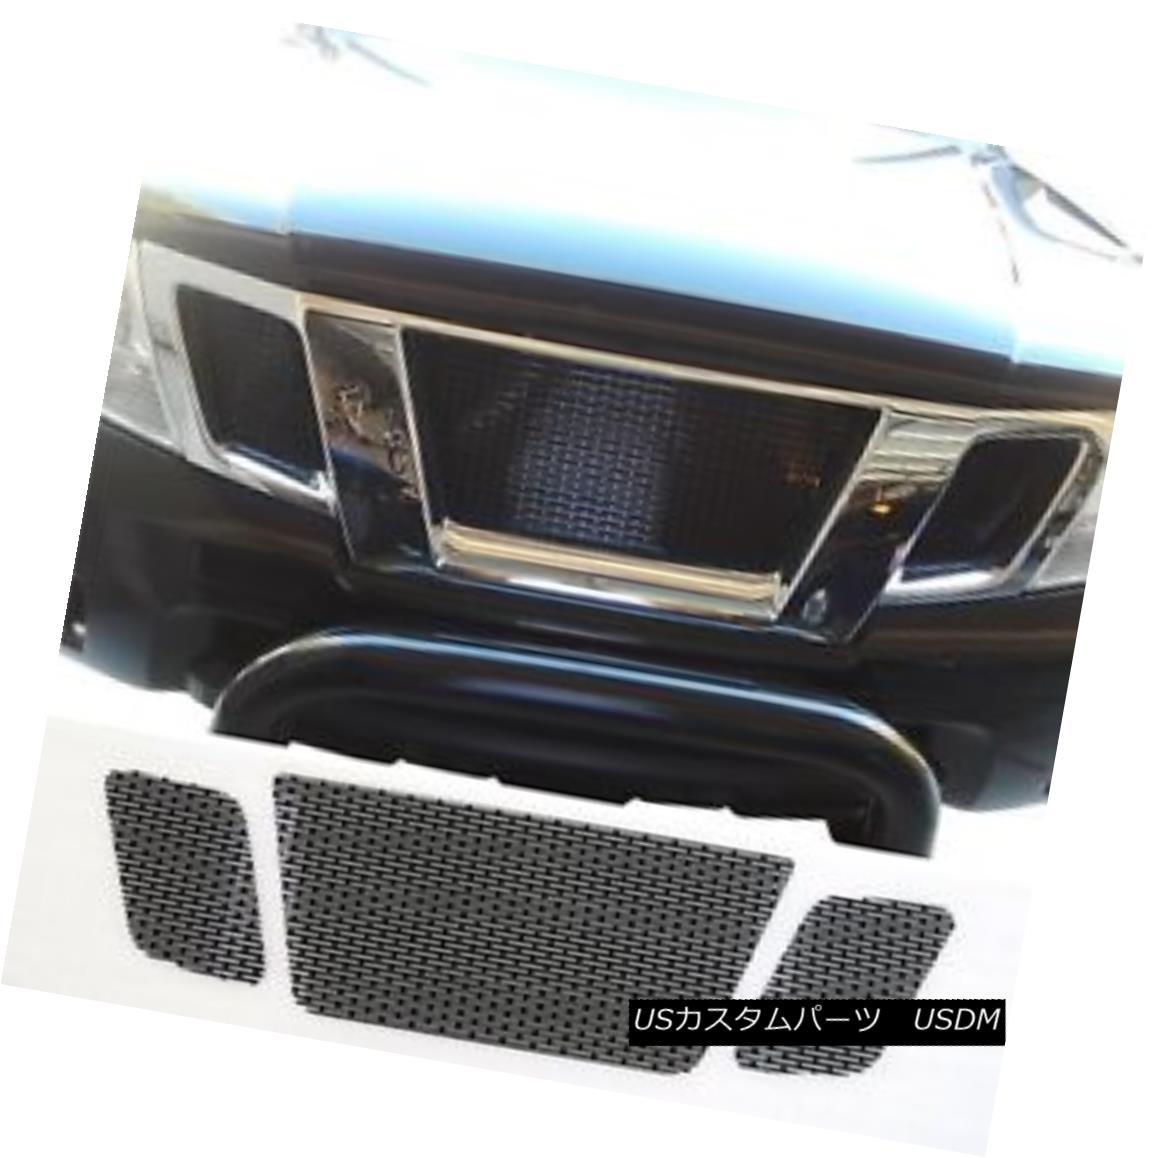 グリル CCG GLOSS BLACK PERF SS PRECUT MESH GRILL SET FOR 2009-18 NISSAN FRONTIER GRILLE CCG GLOSS BLACK PERF SSプレッシュメッシュグリル(2009-18日産フロンティアグリル)